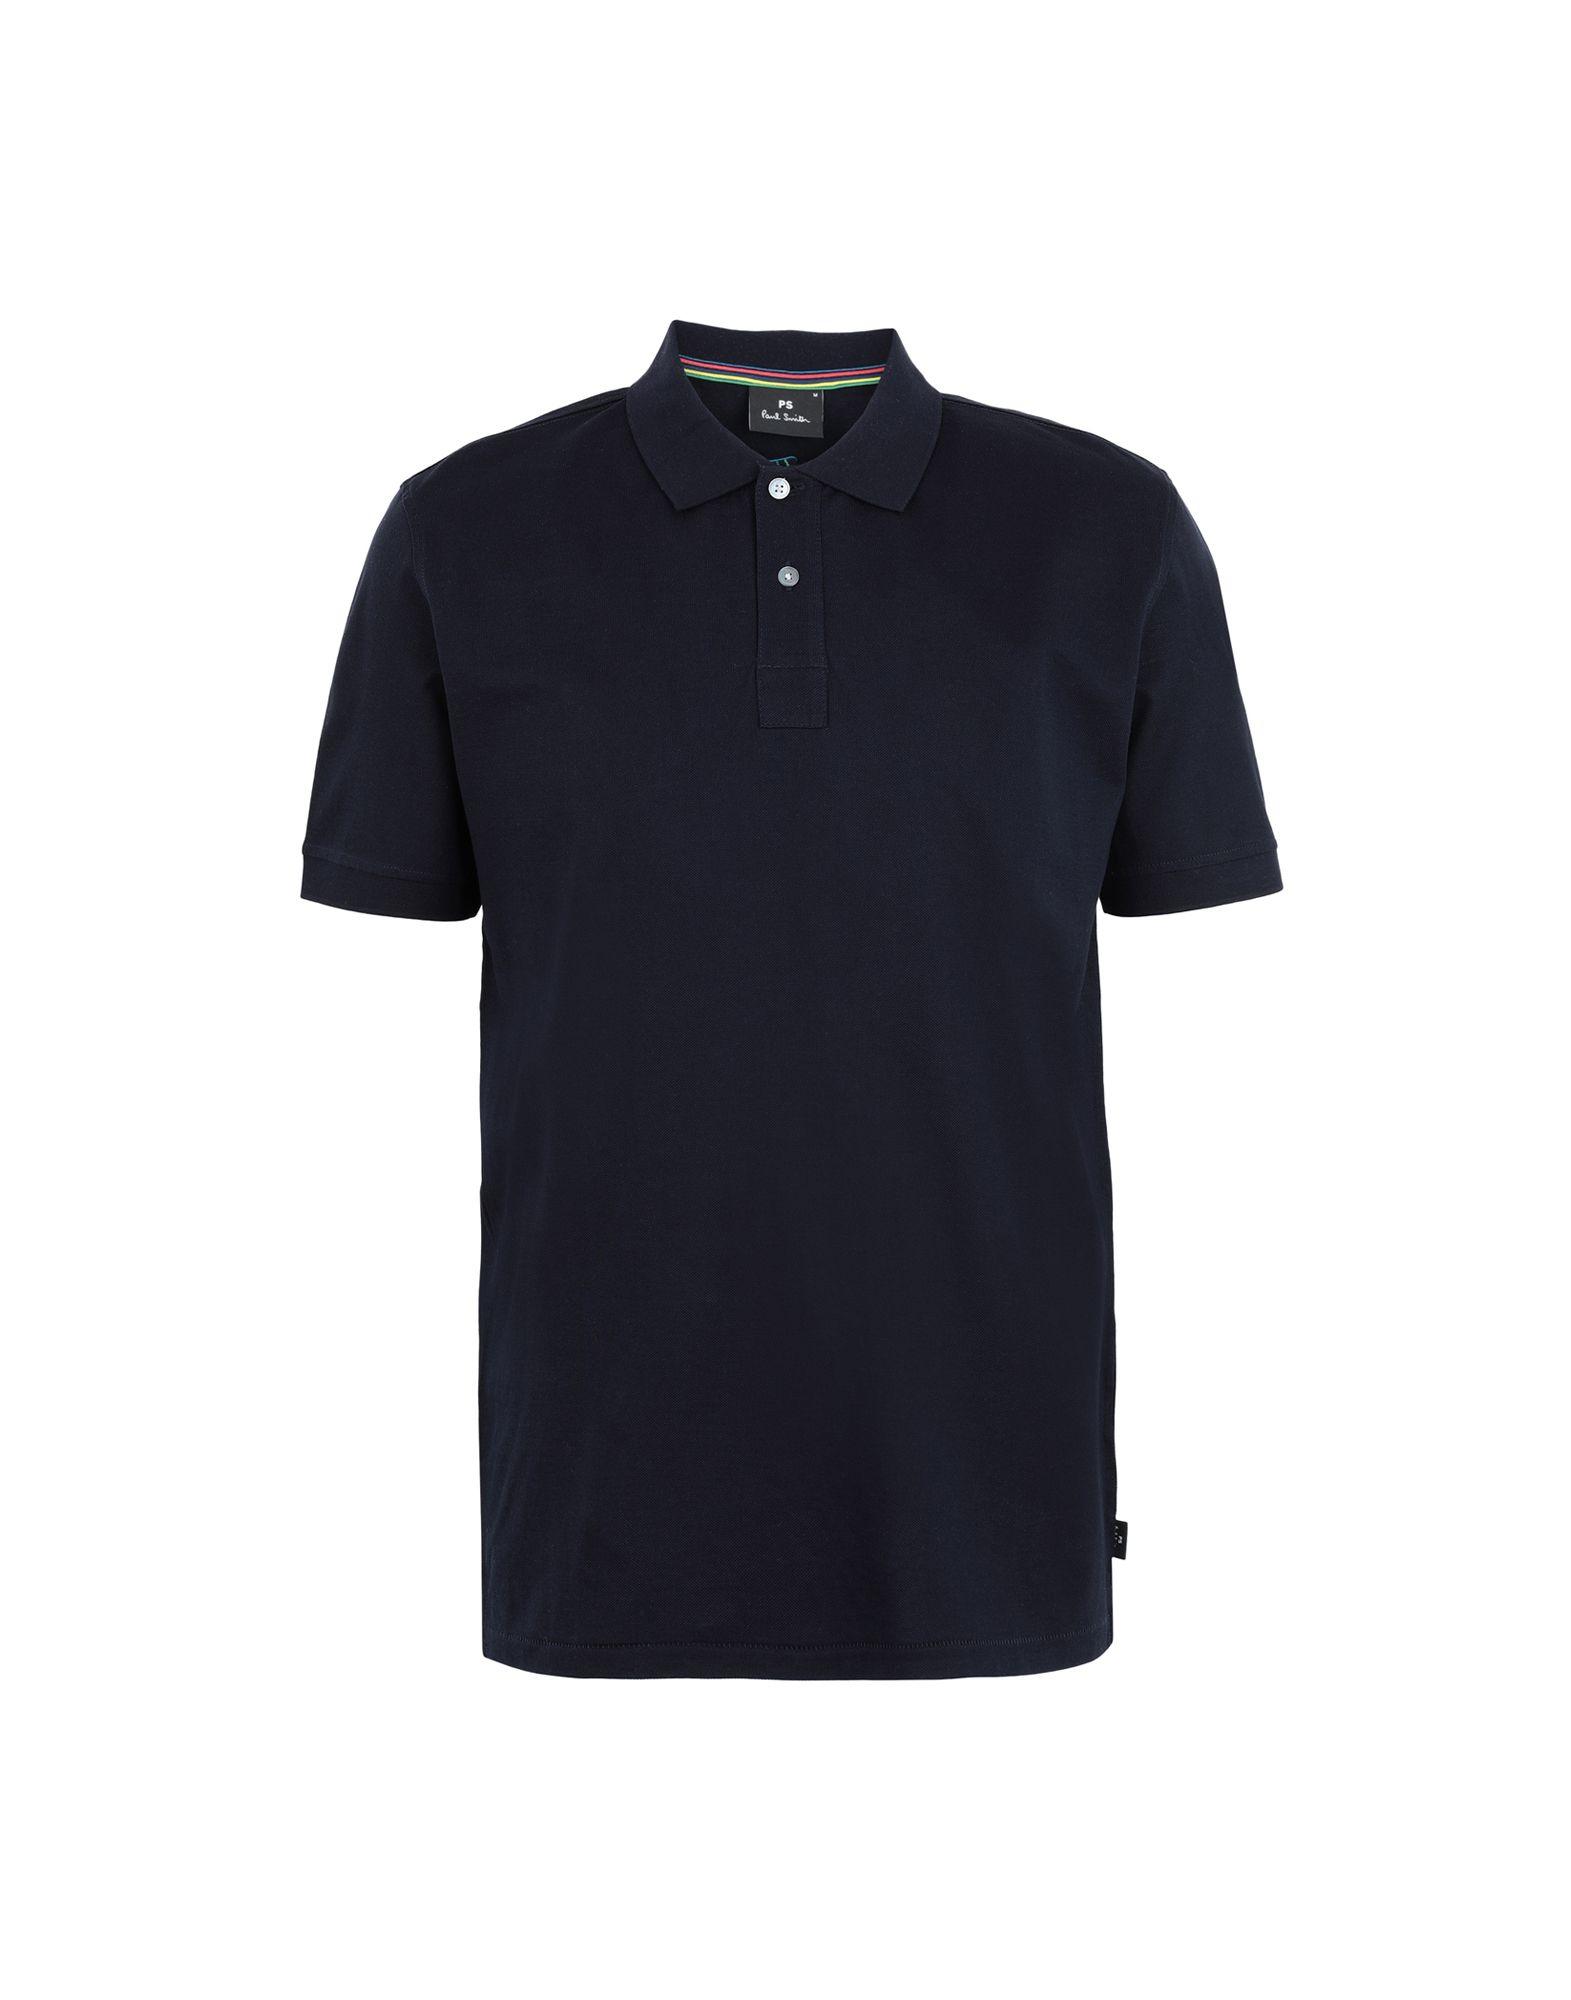 T-Shirt Ps Paul Smith uomo - 12311722IJ 12311722IJ  das billigste